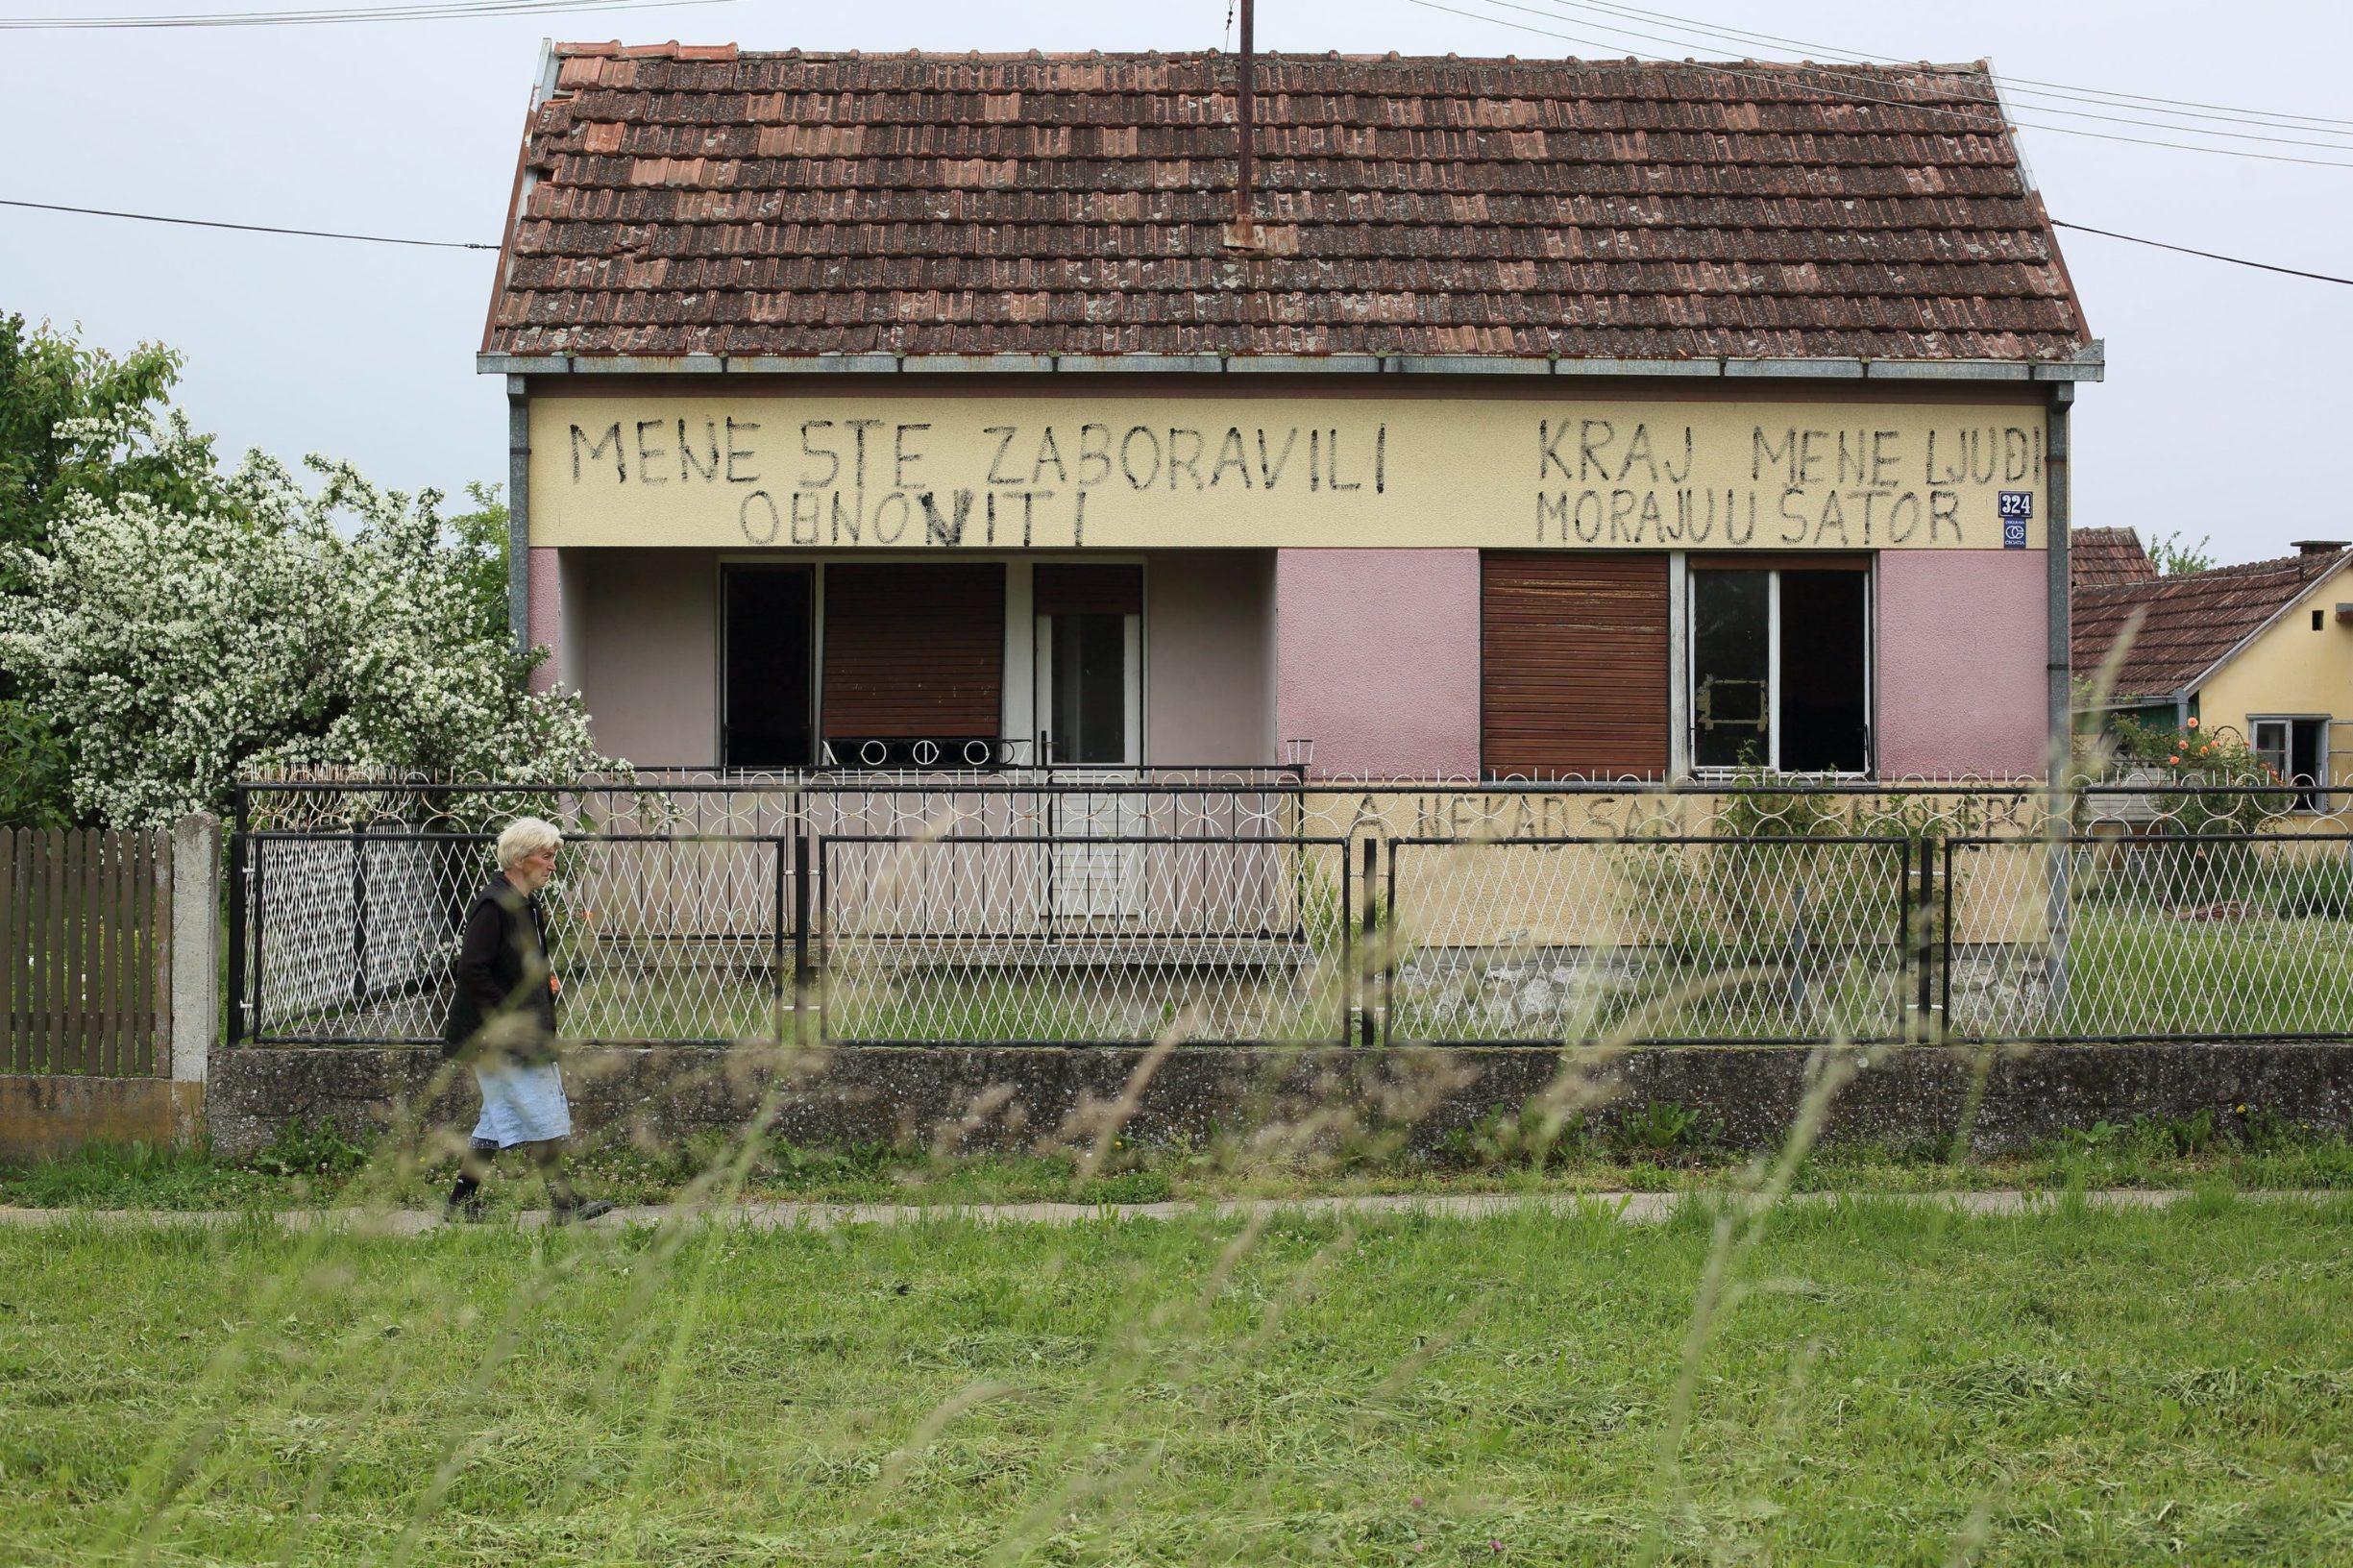 Gunja, 150520. Reportaza o zivotu u Gunji sest godina nakon katastrofalne poplave. Na fotografiji: jedna od neobnovljenih kuca nakon poplave u Gunji. Foto: Vlado Kos / CROPIX